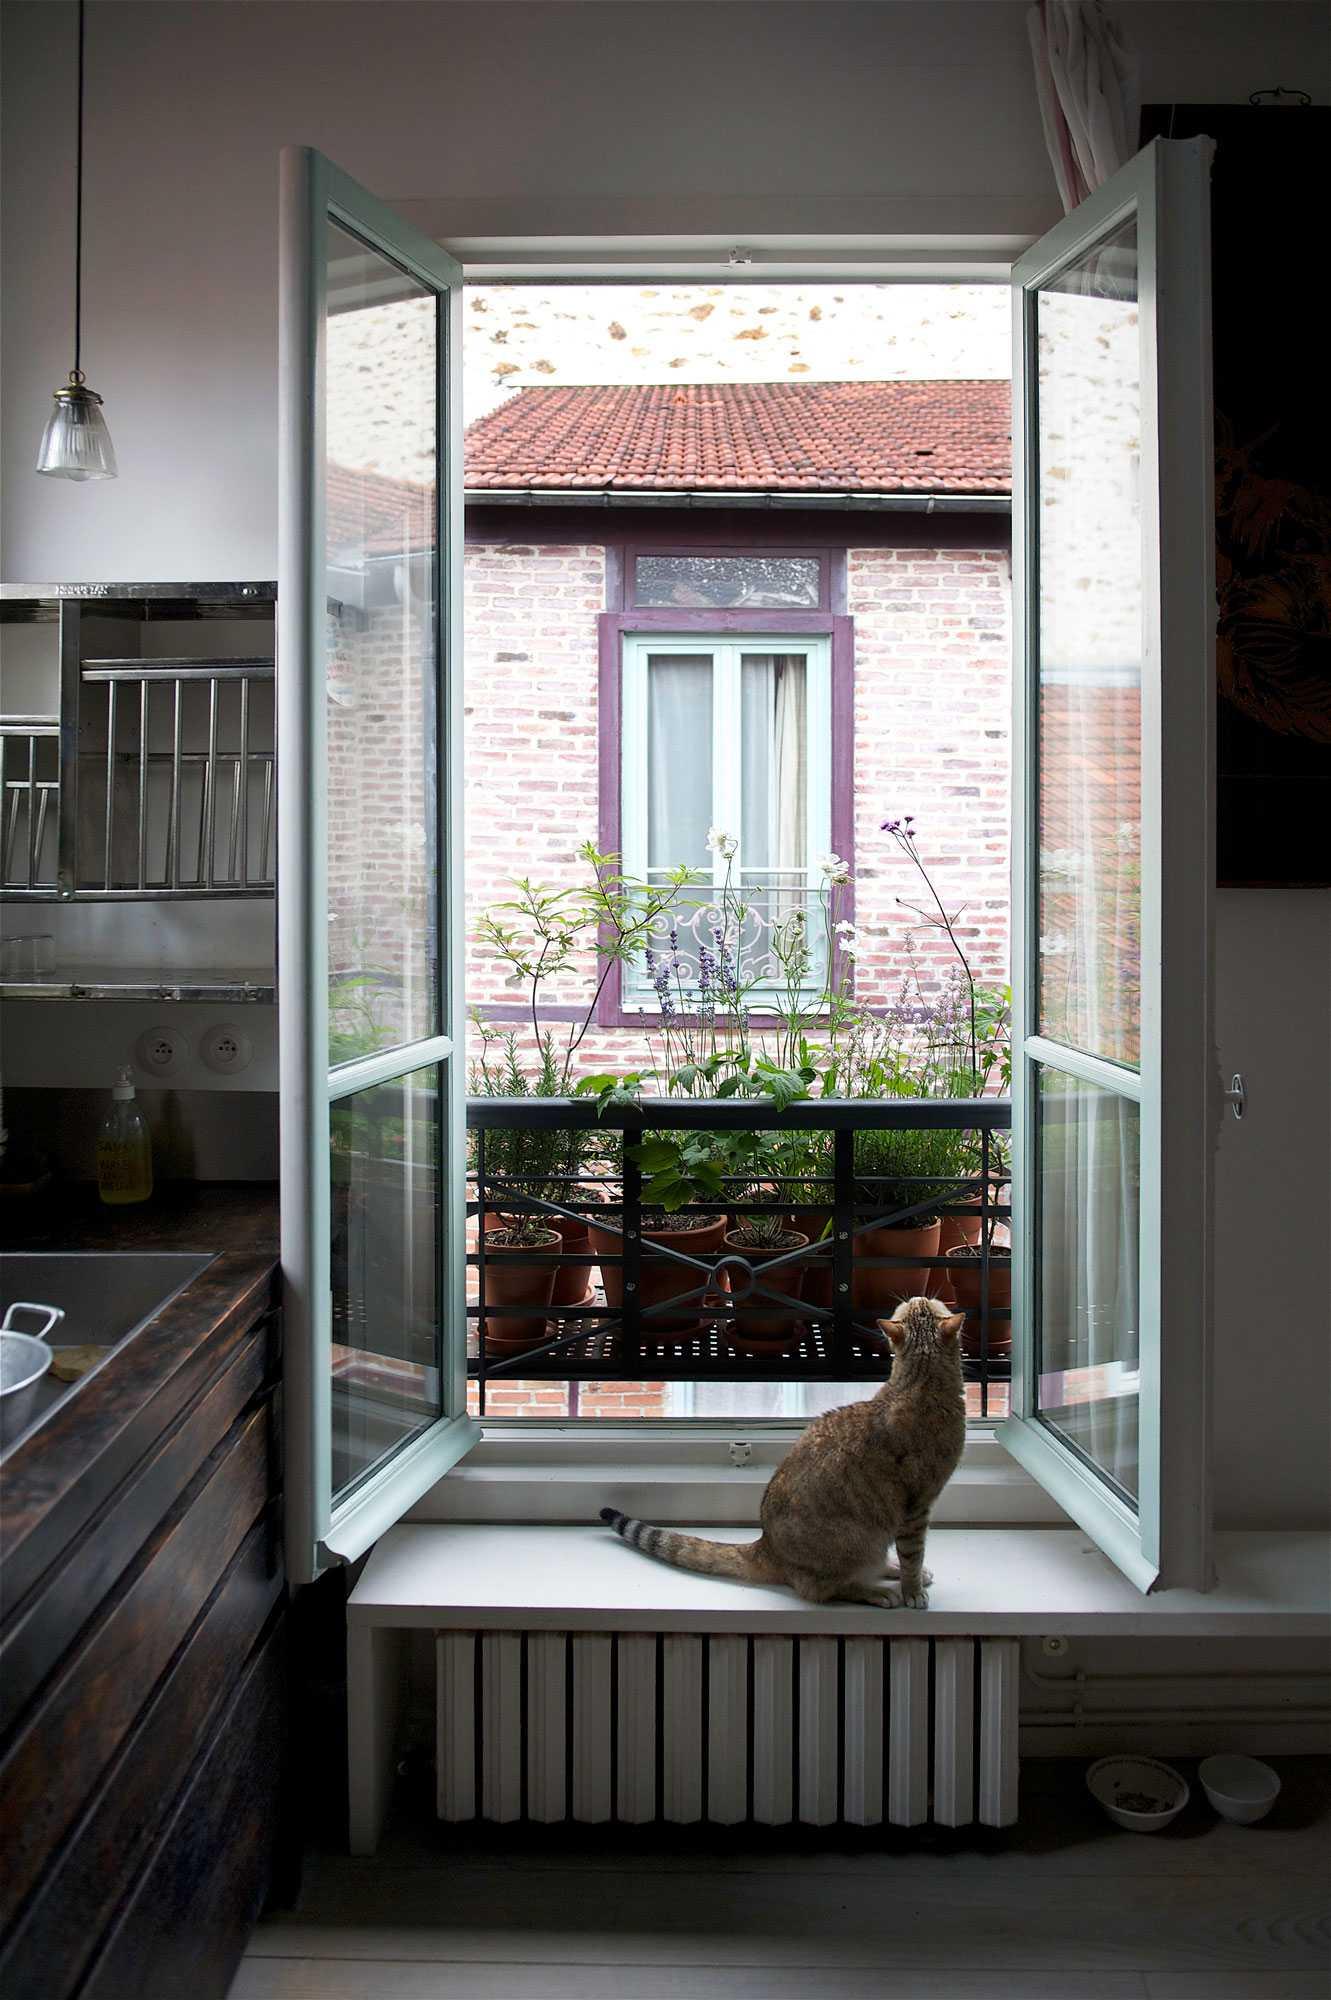 reuilly 01 le vert soi. Black Bedroom Furniture Sets. Home Design Ideas